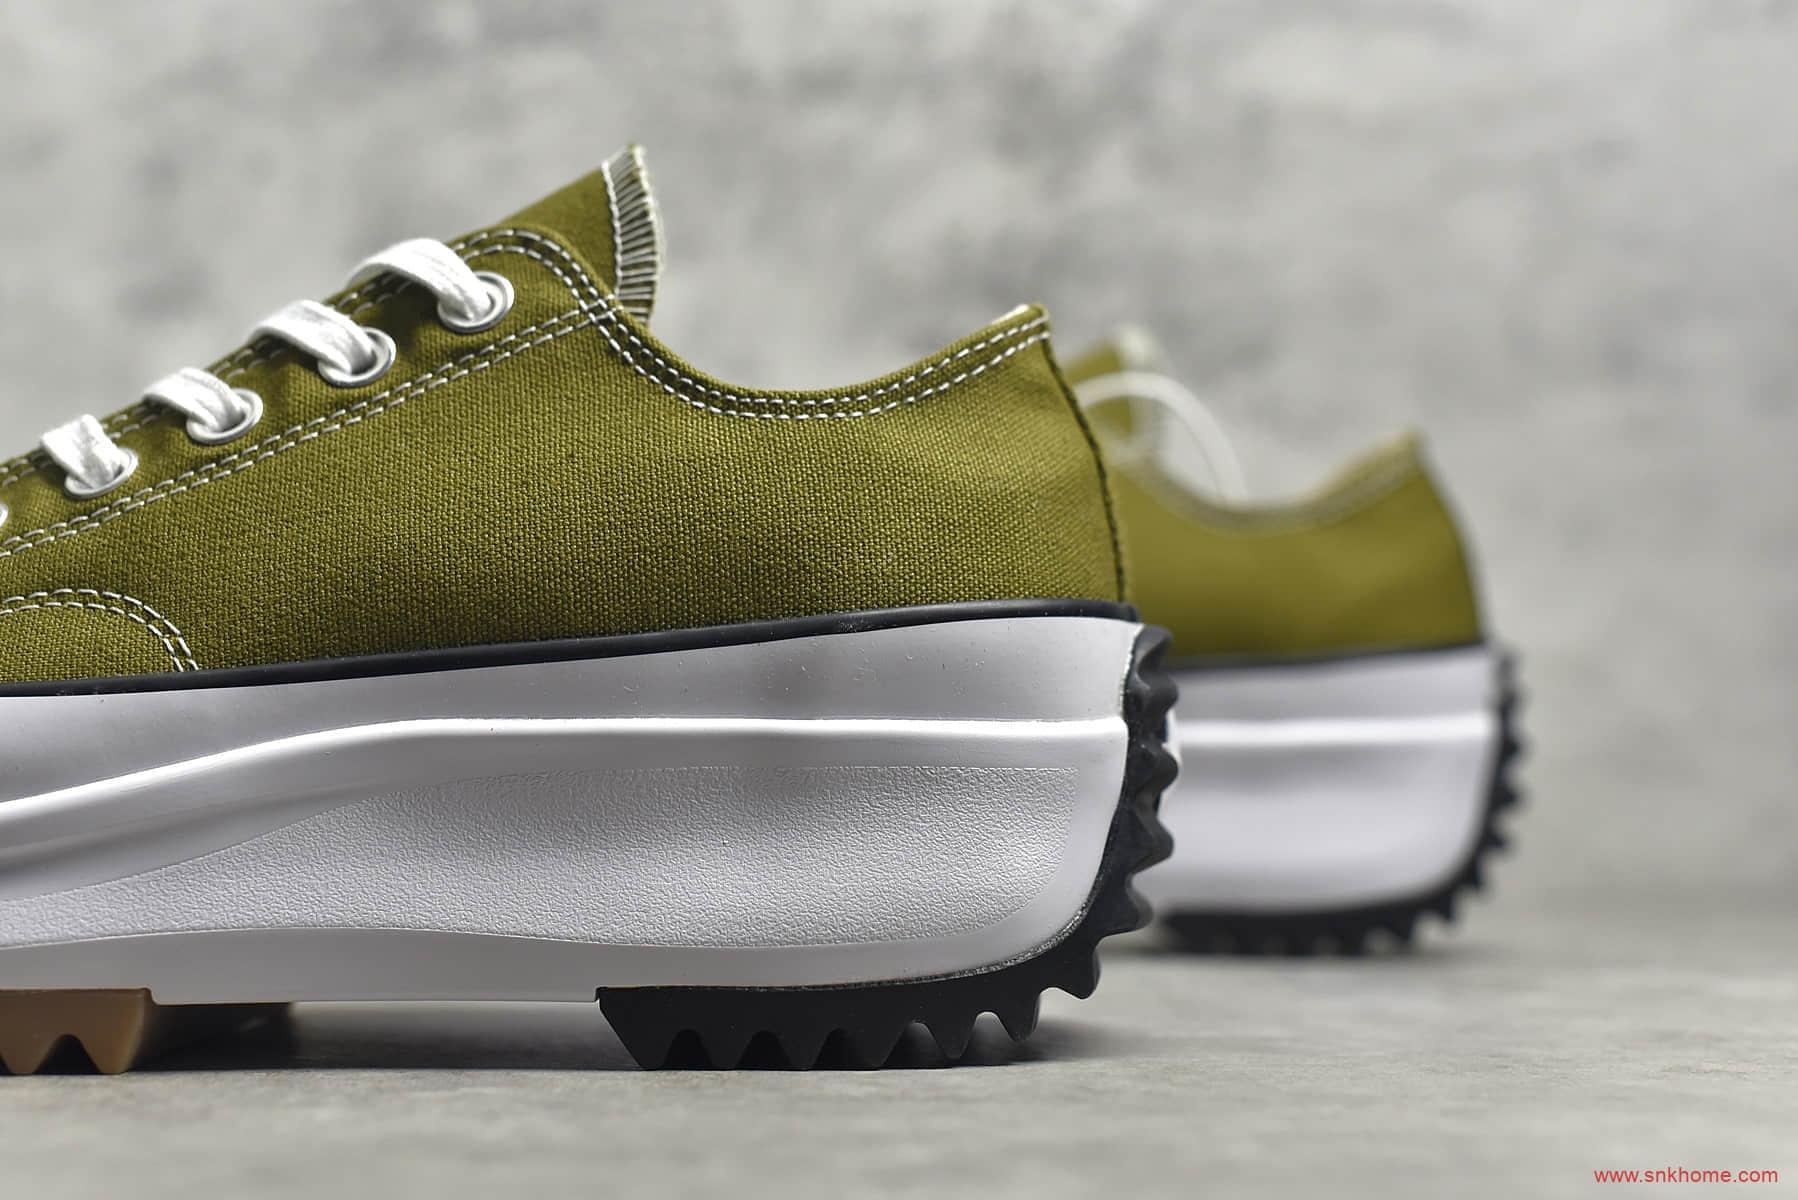 匡威增高鞋松糕鞋橄榄绿 CONVERSE Run Star Hike low 匡威厚底运动鞋绿色帆布鞋 货号:168818C-潮流者之家